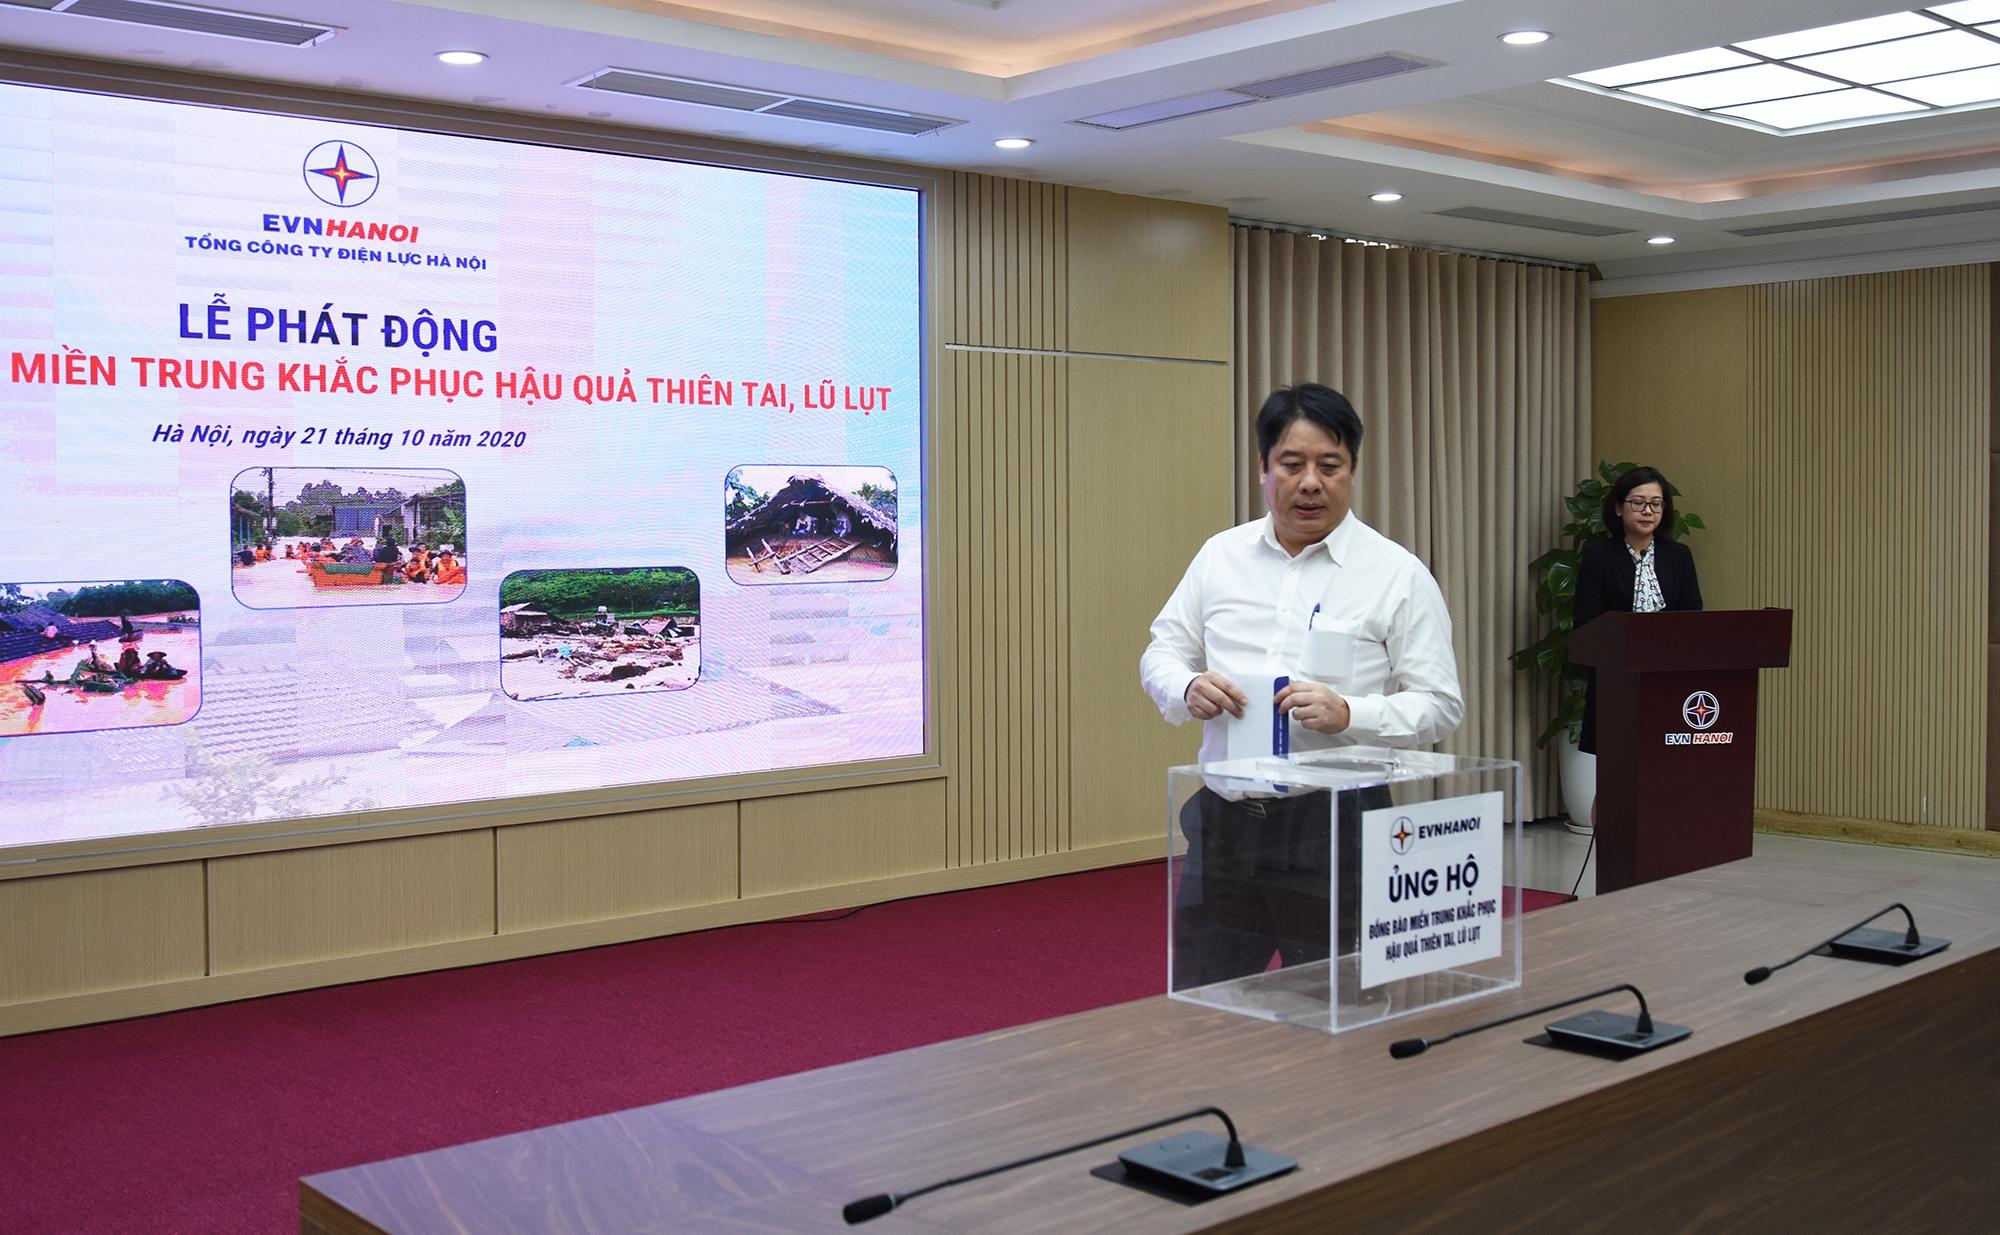 Cán bộ nhân viên EVNHANOI quyên góp ủng hộ đồng bào miền Trung khắc phục thiên tai, lũ lụt